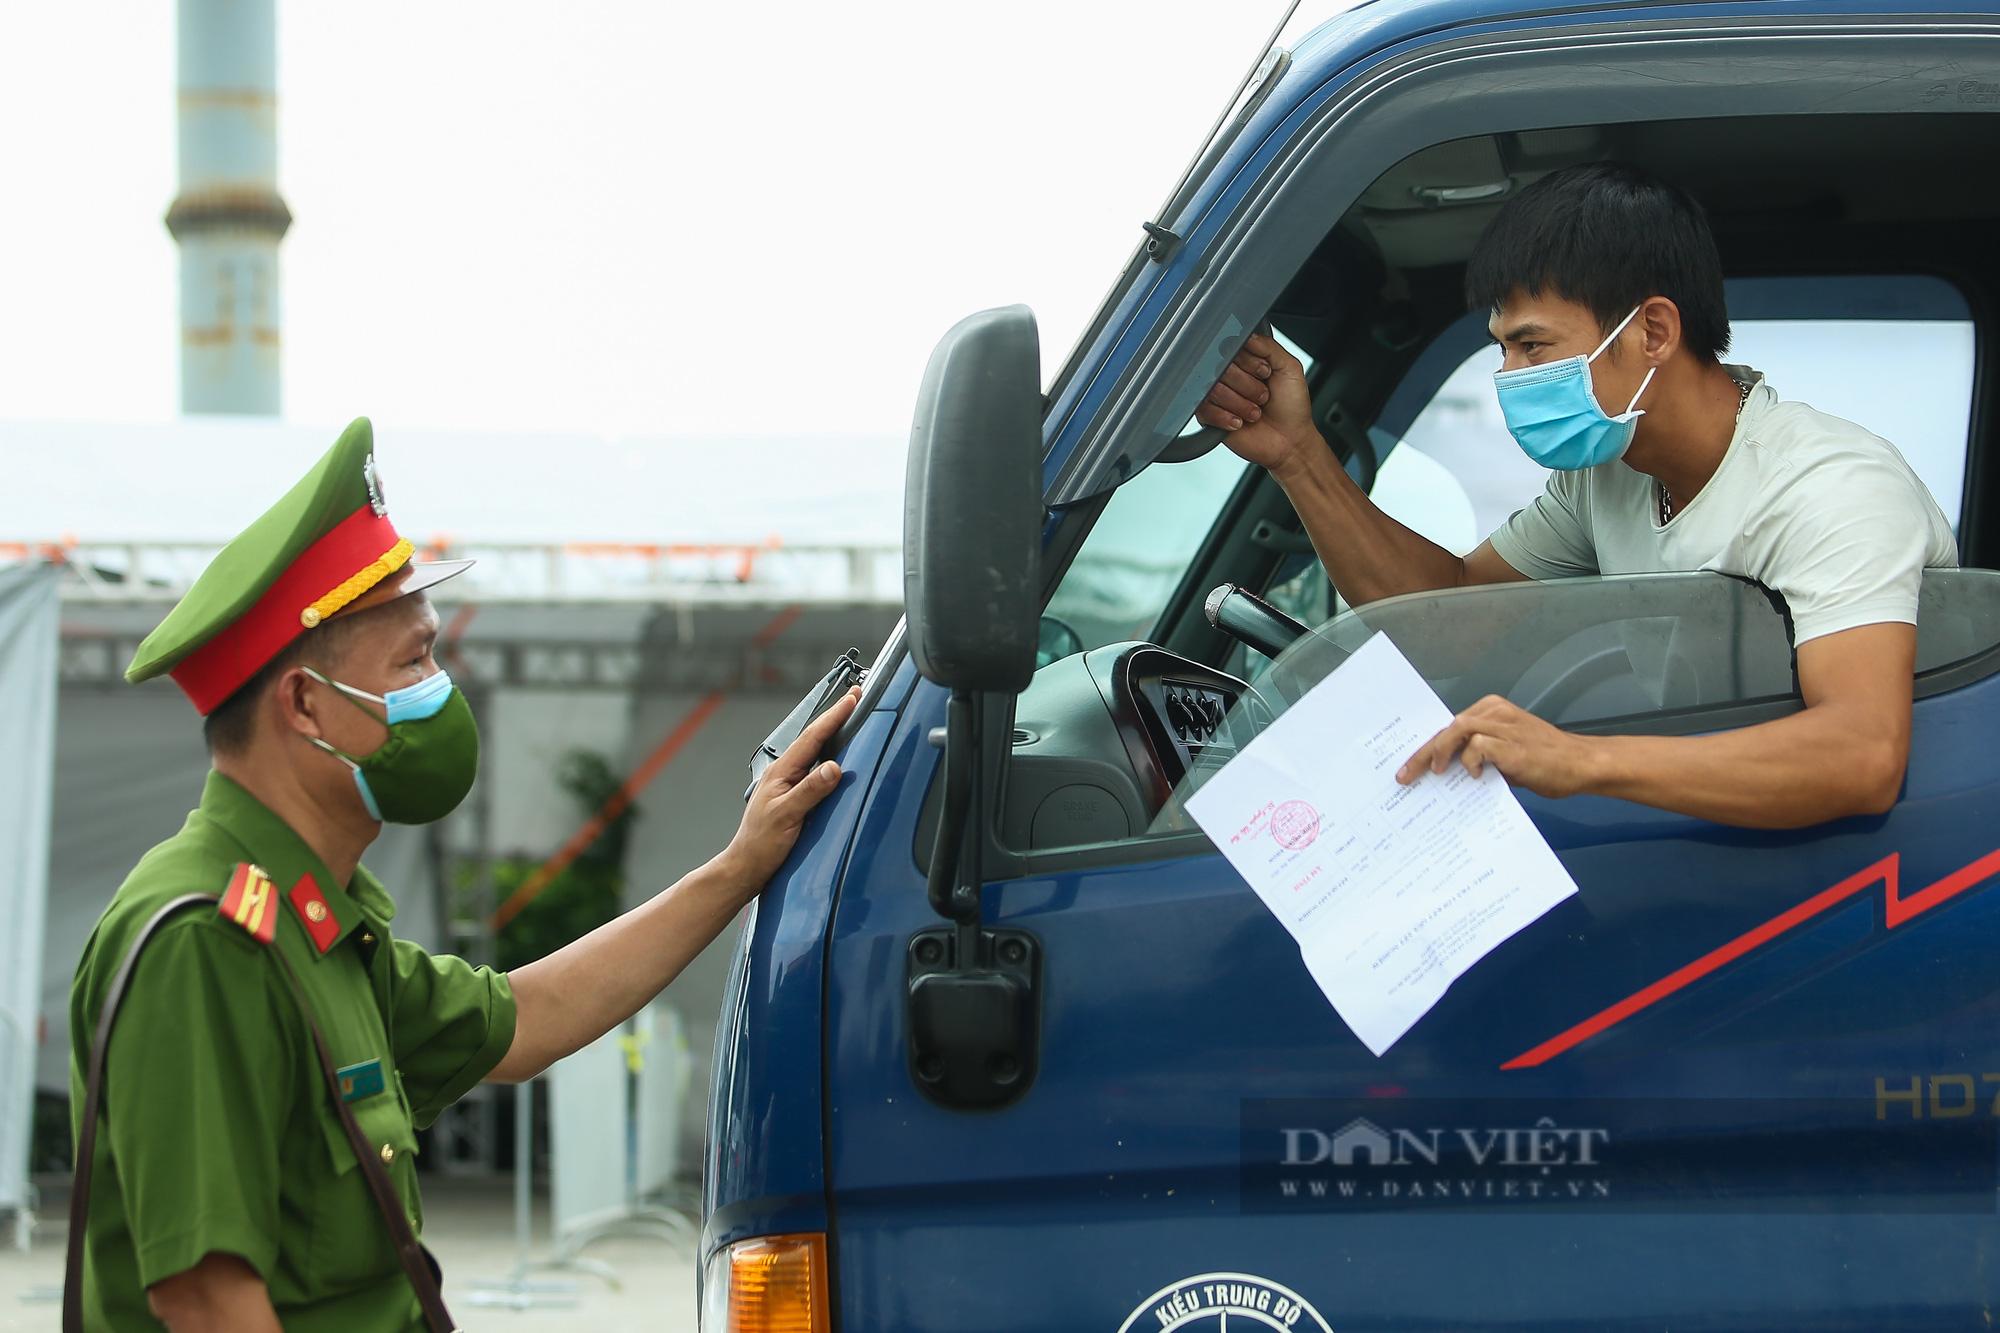 Tài xế đi hơn 1000km từ Vĩnh Long ra Hà Nội bị yêu cầu quay xe - Ảnh 8.